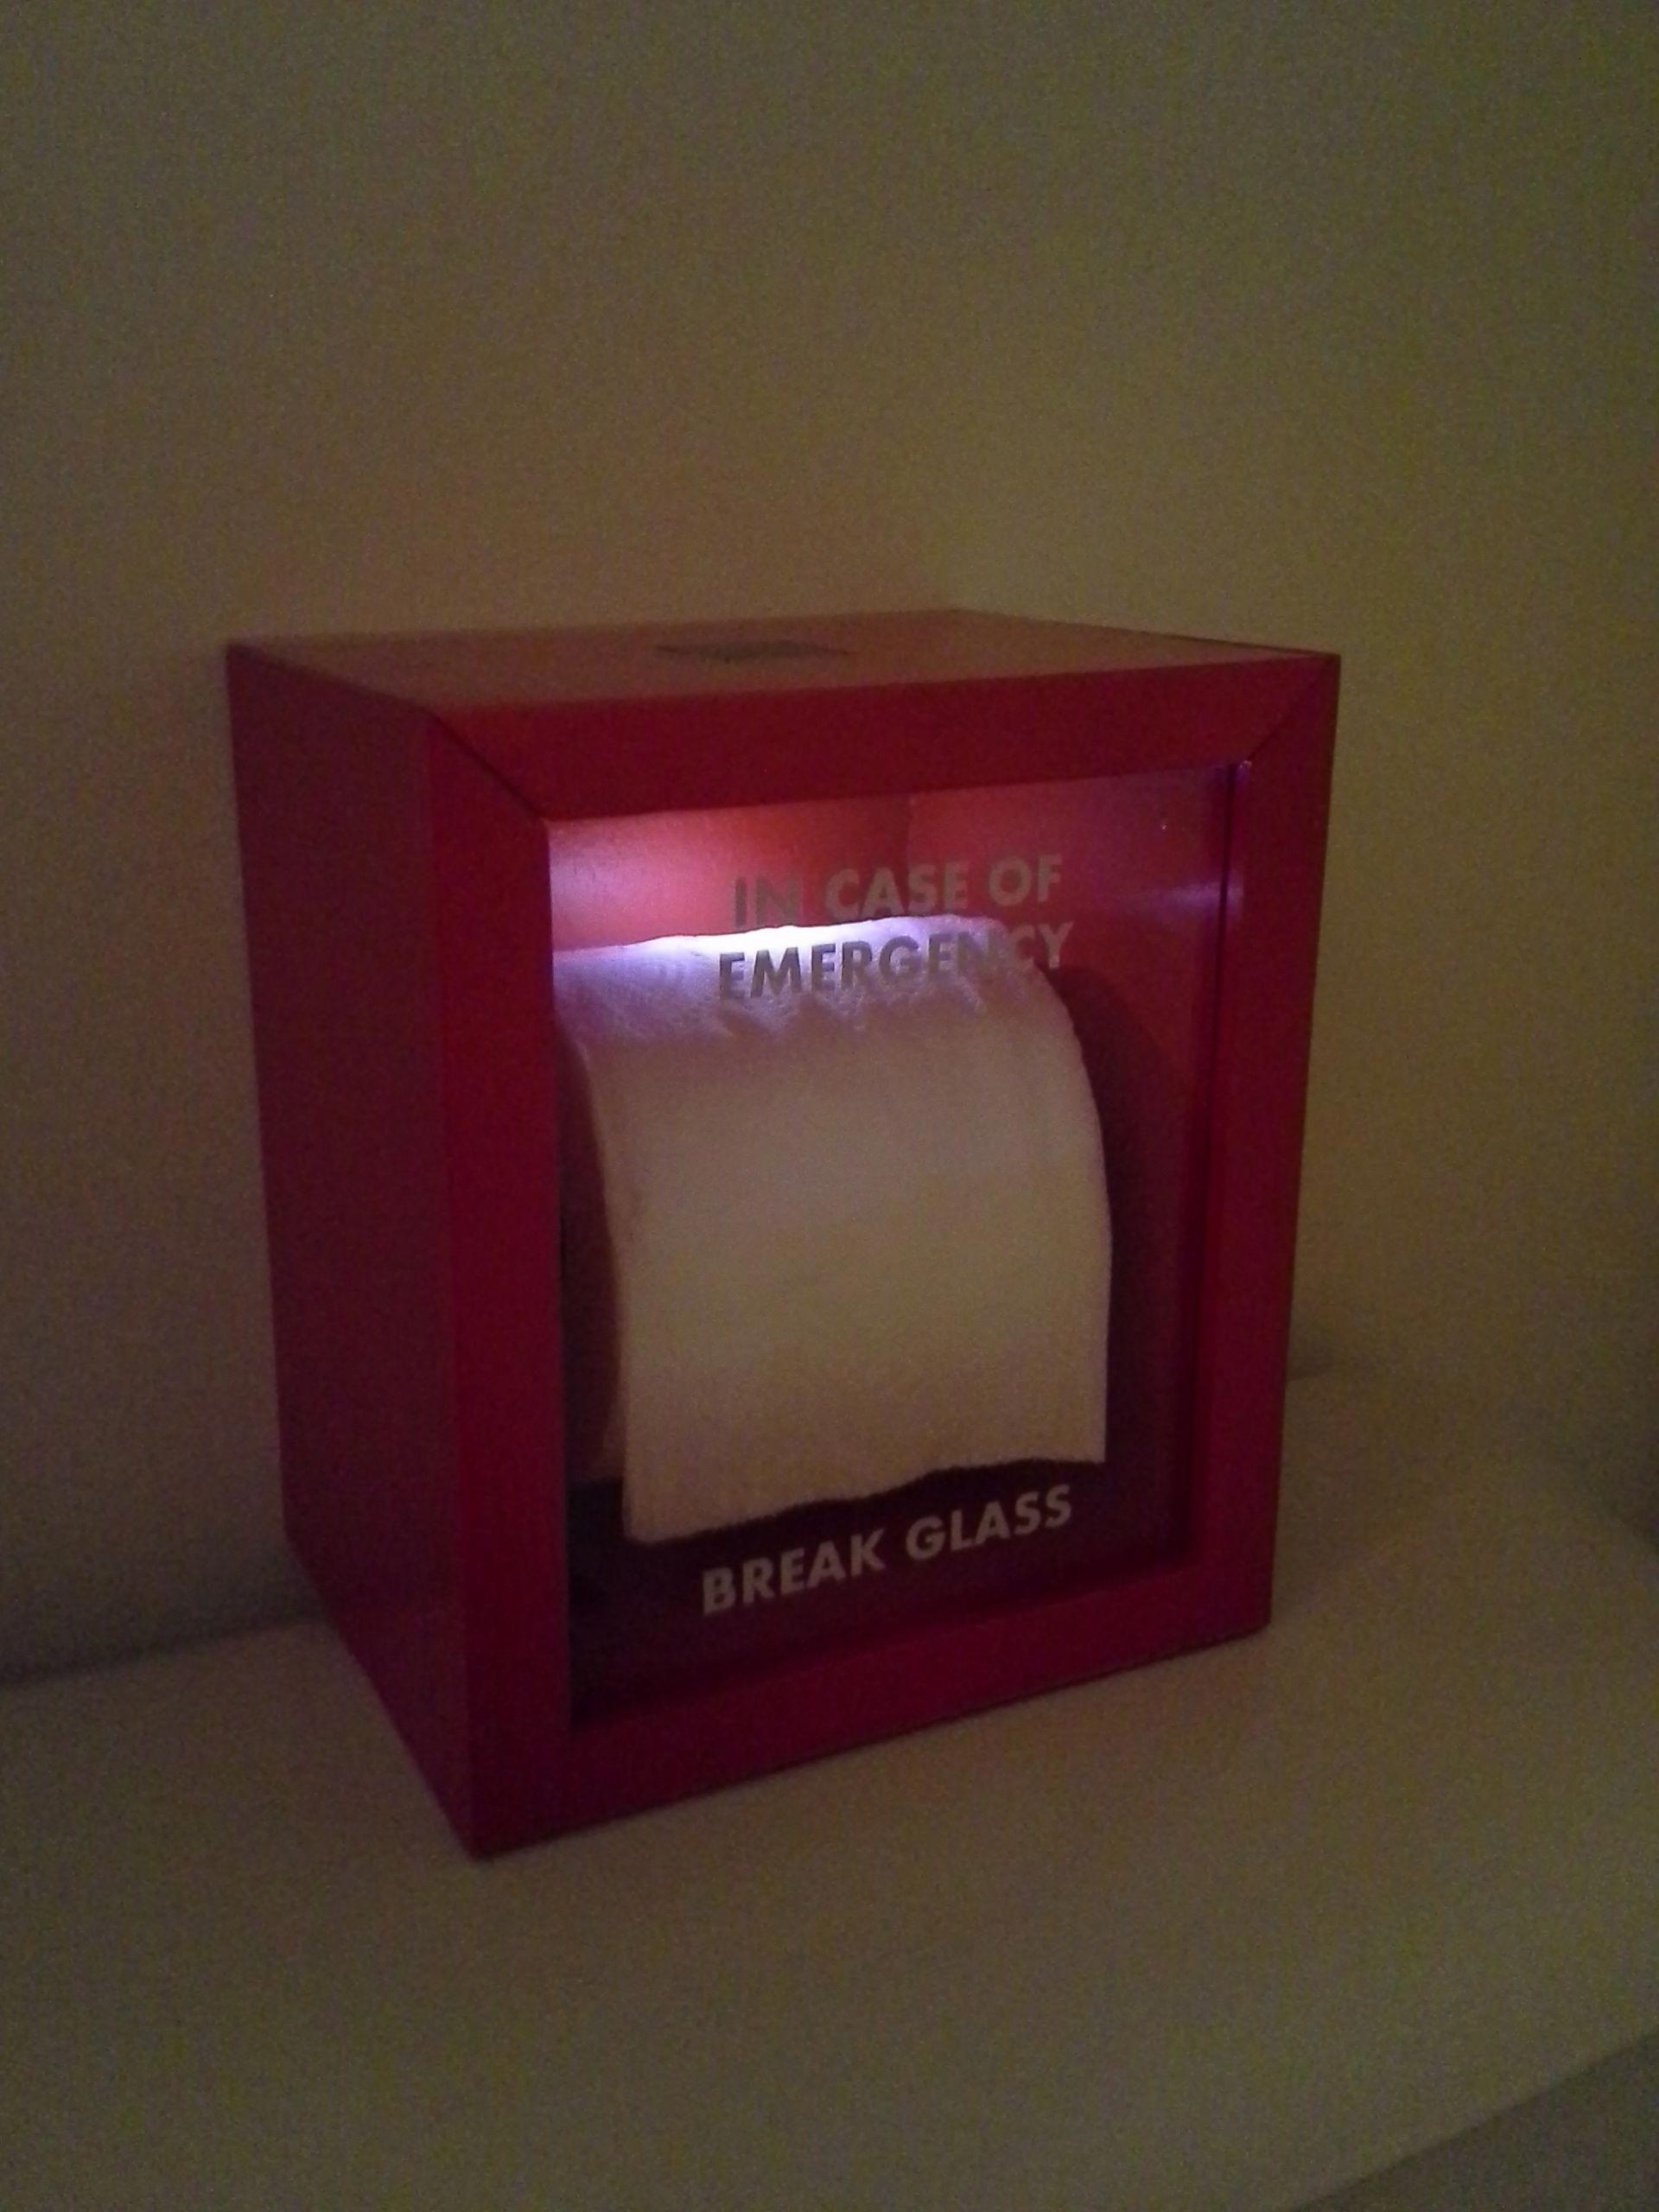 Break Glass In Case Of Emergency Toilet Paper Emergency Gifts In Case Of Emergency Weird Gifts